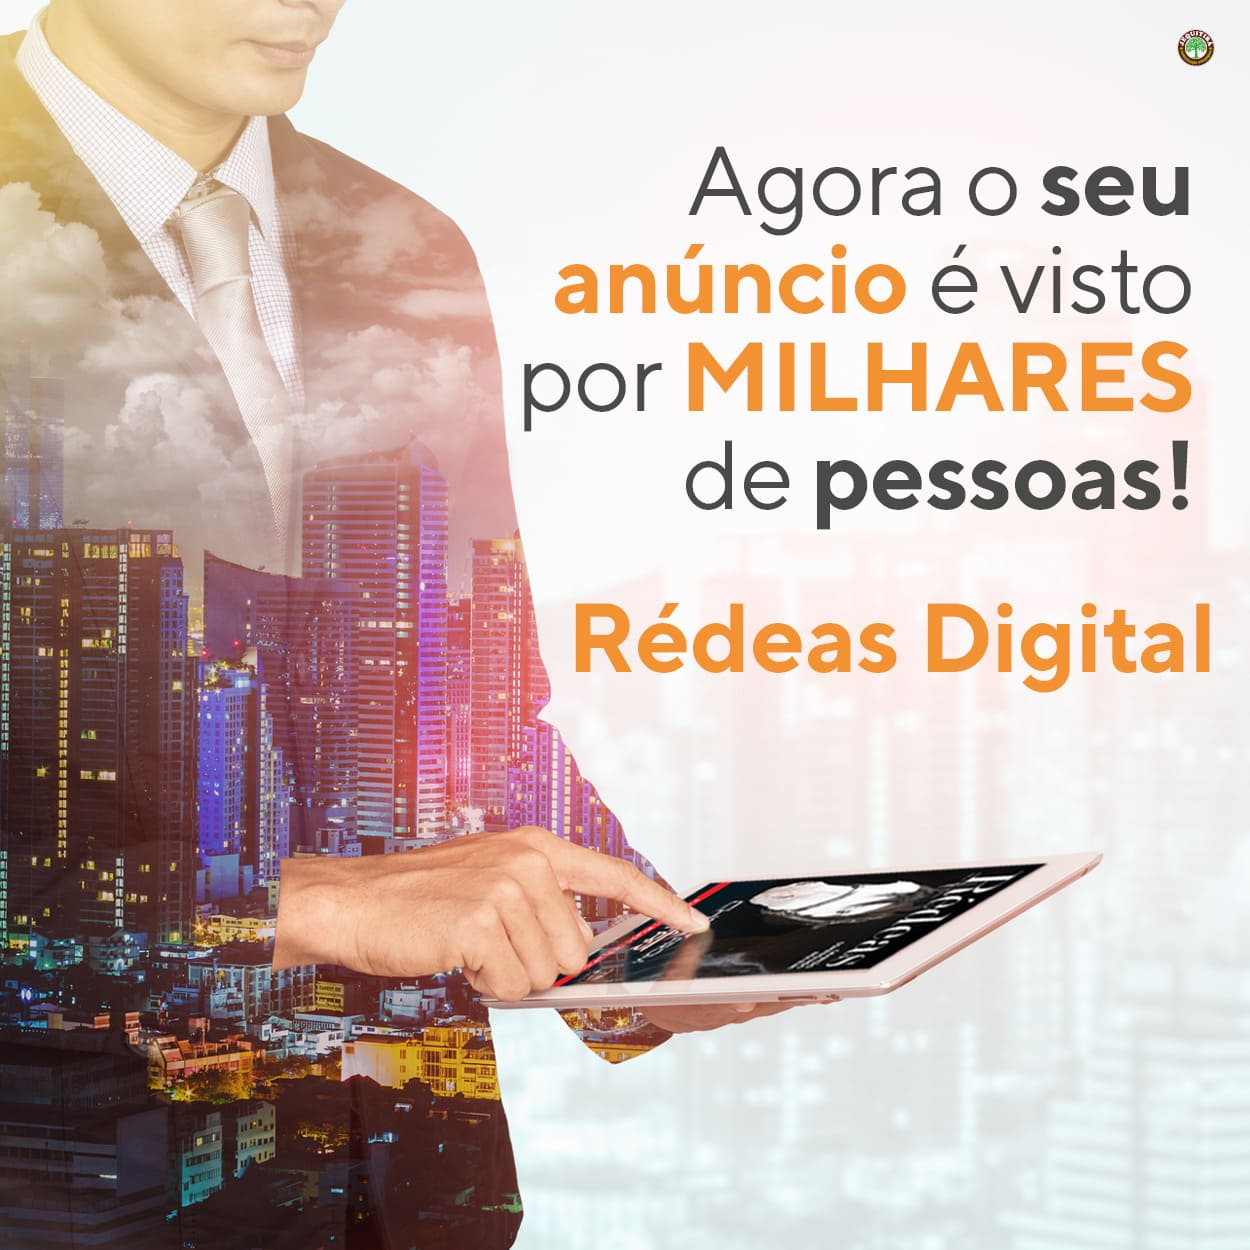 Revista Rédeas agora em versão digital